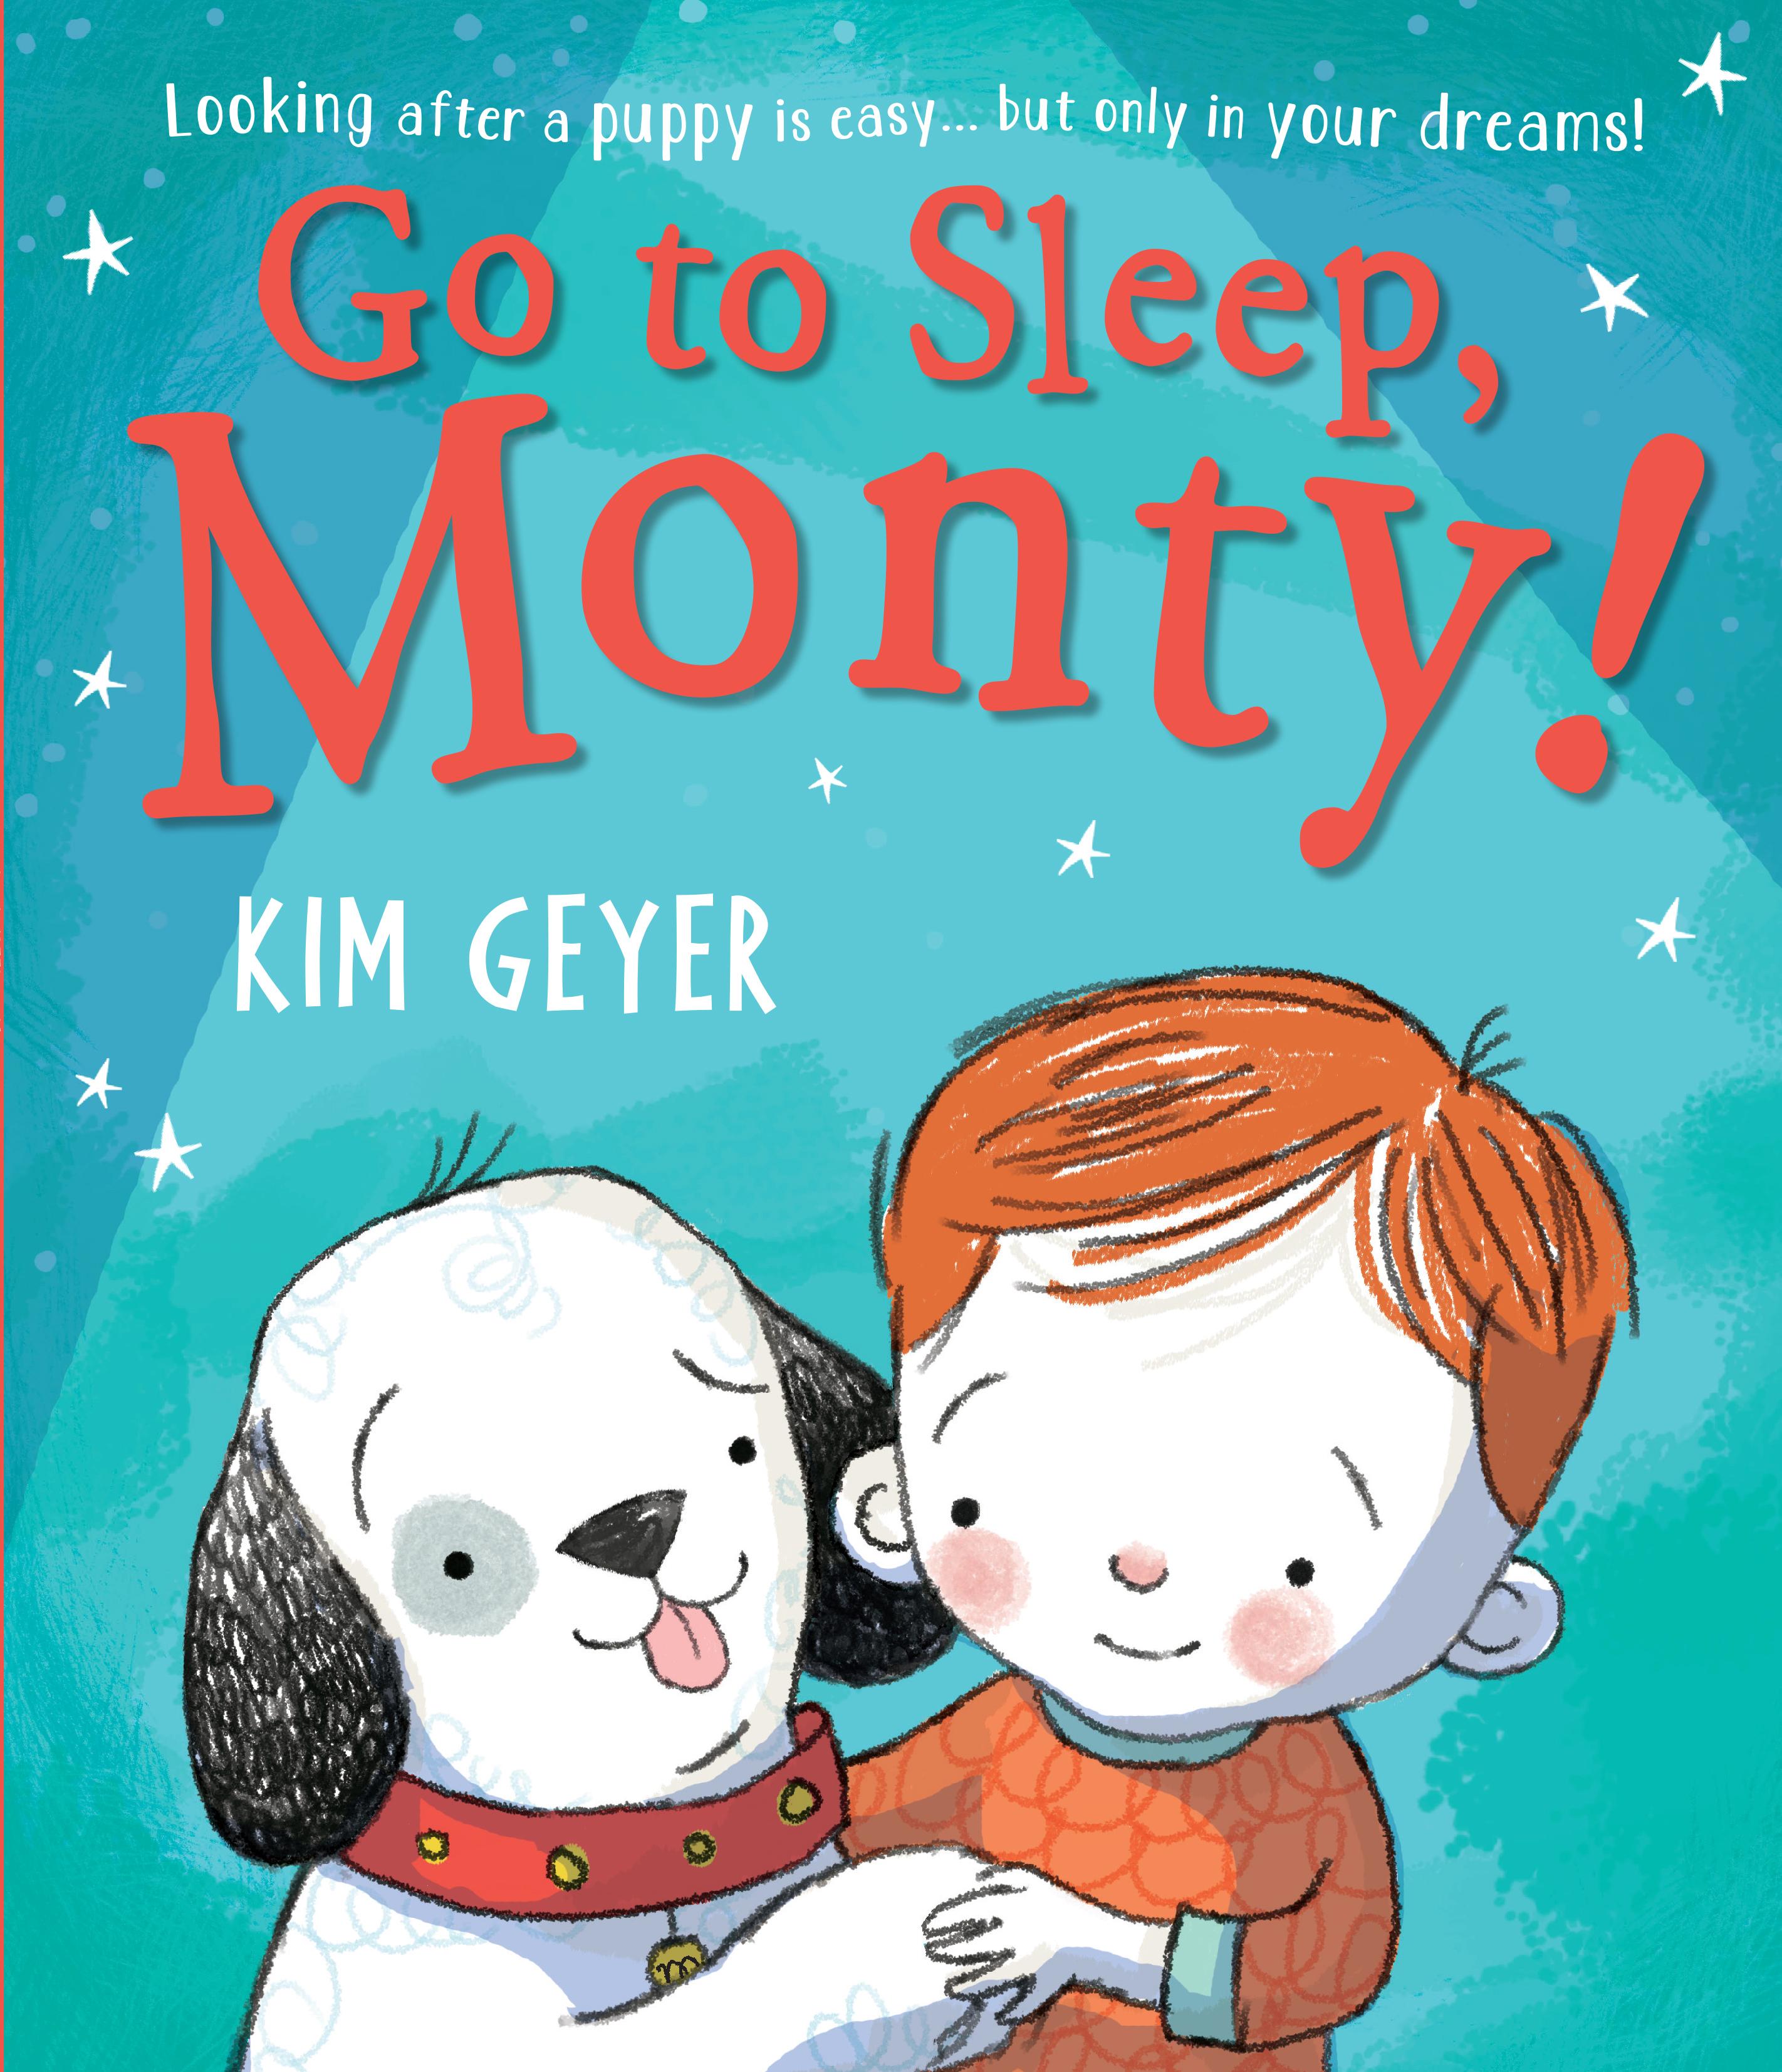 Go to Sleep Monty | Kim Geyer